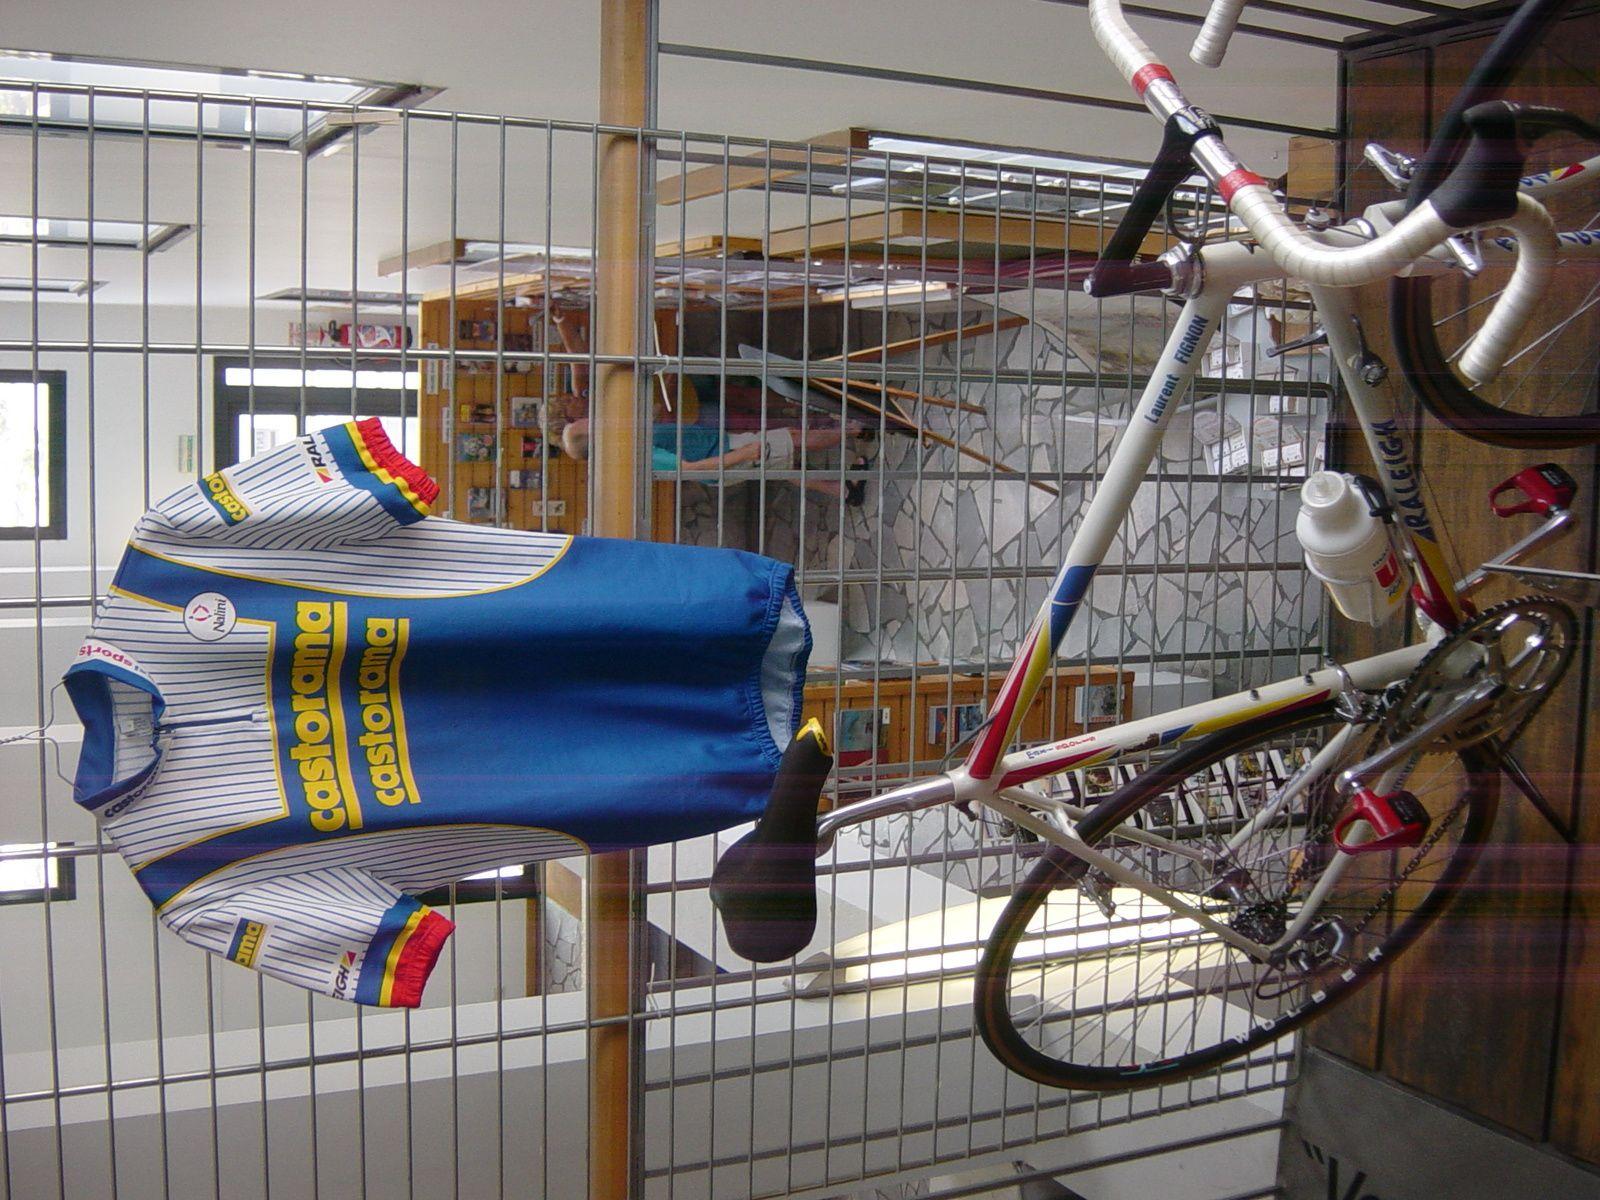 Vélo Raleigh 1993 ayant appartenu à Laurent FIGNON.